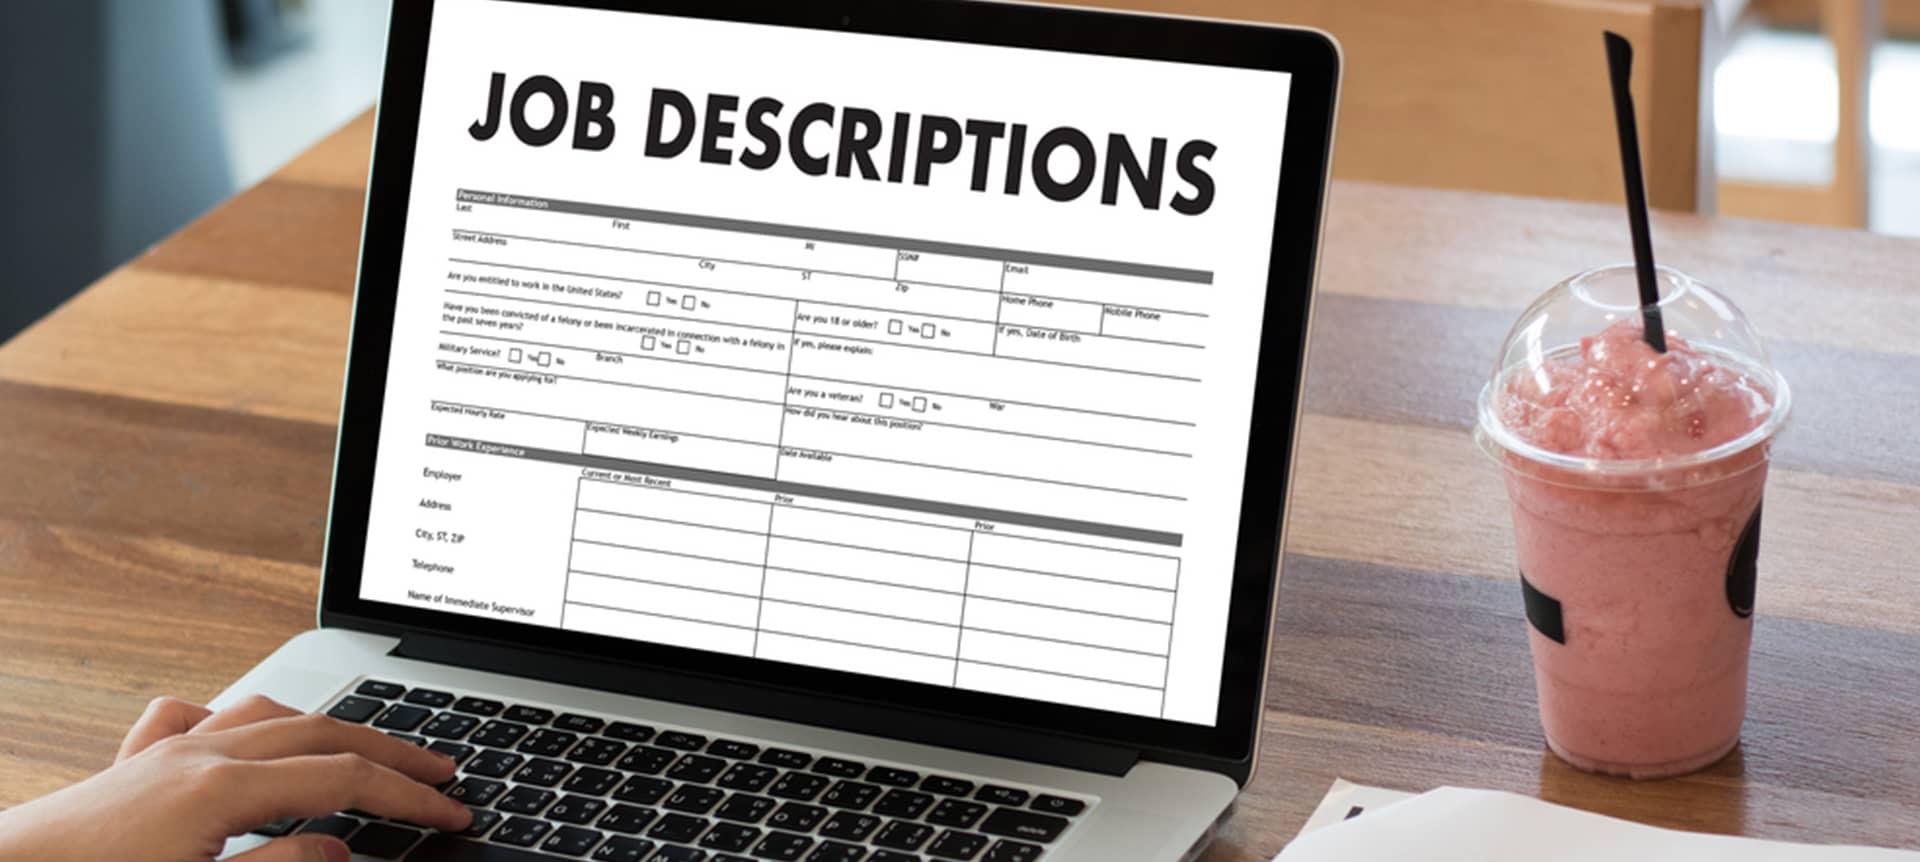 Laptop showing a job description